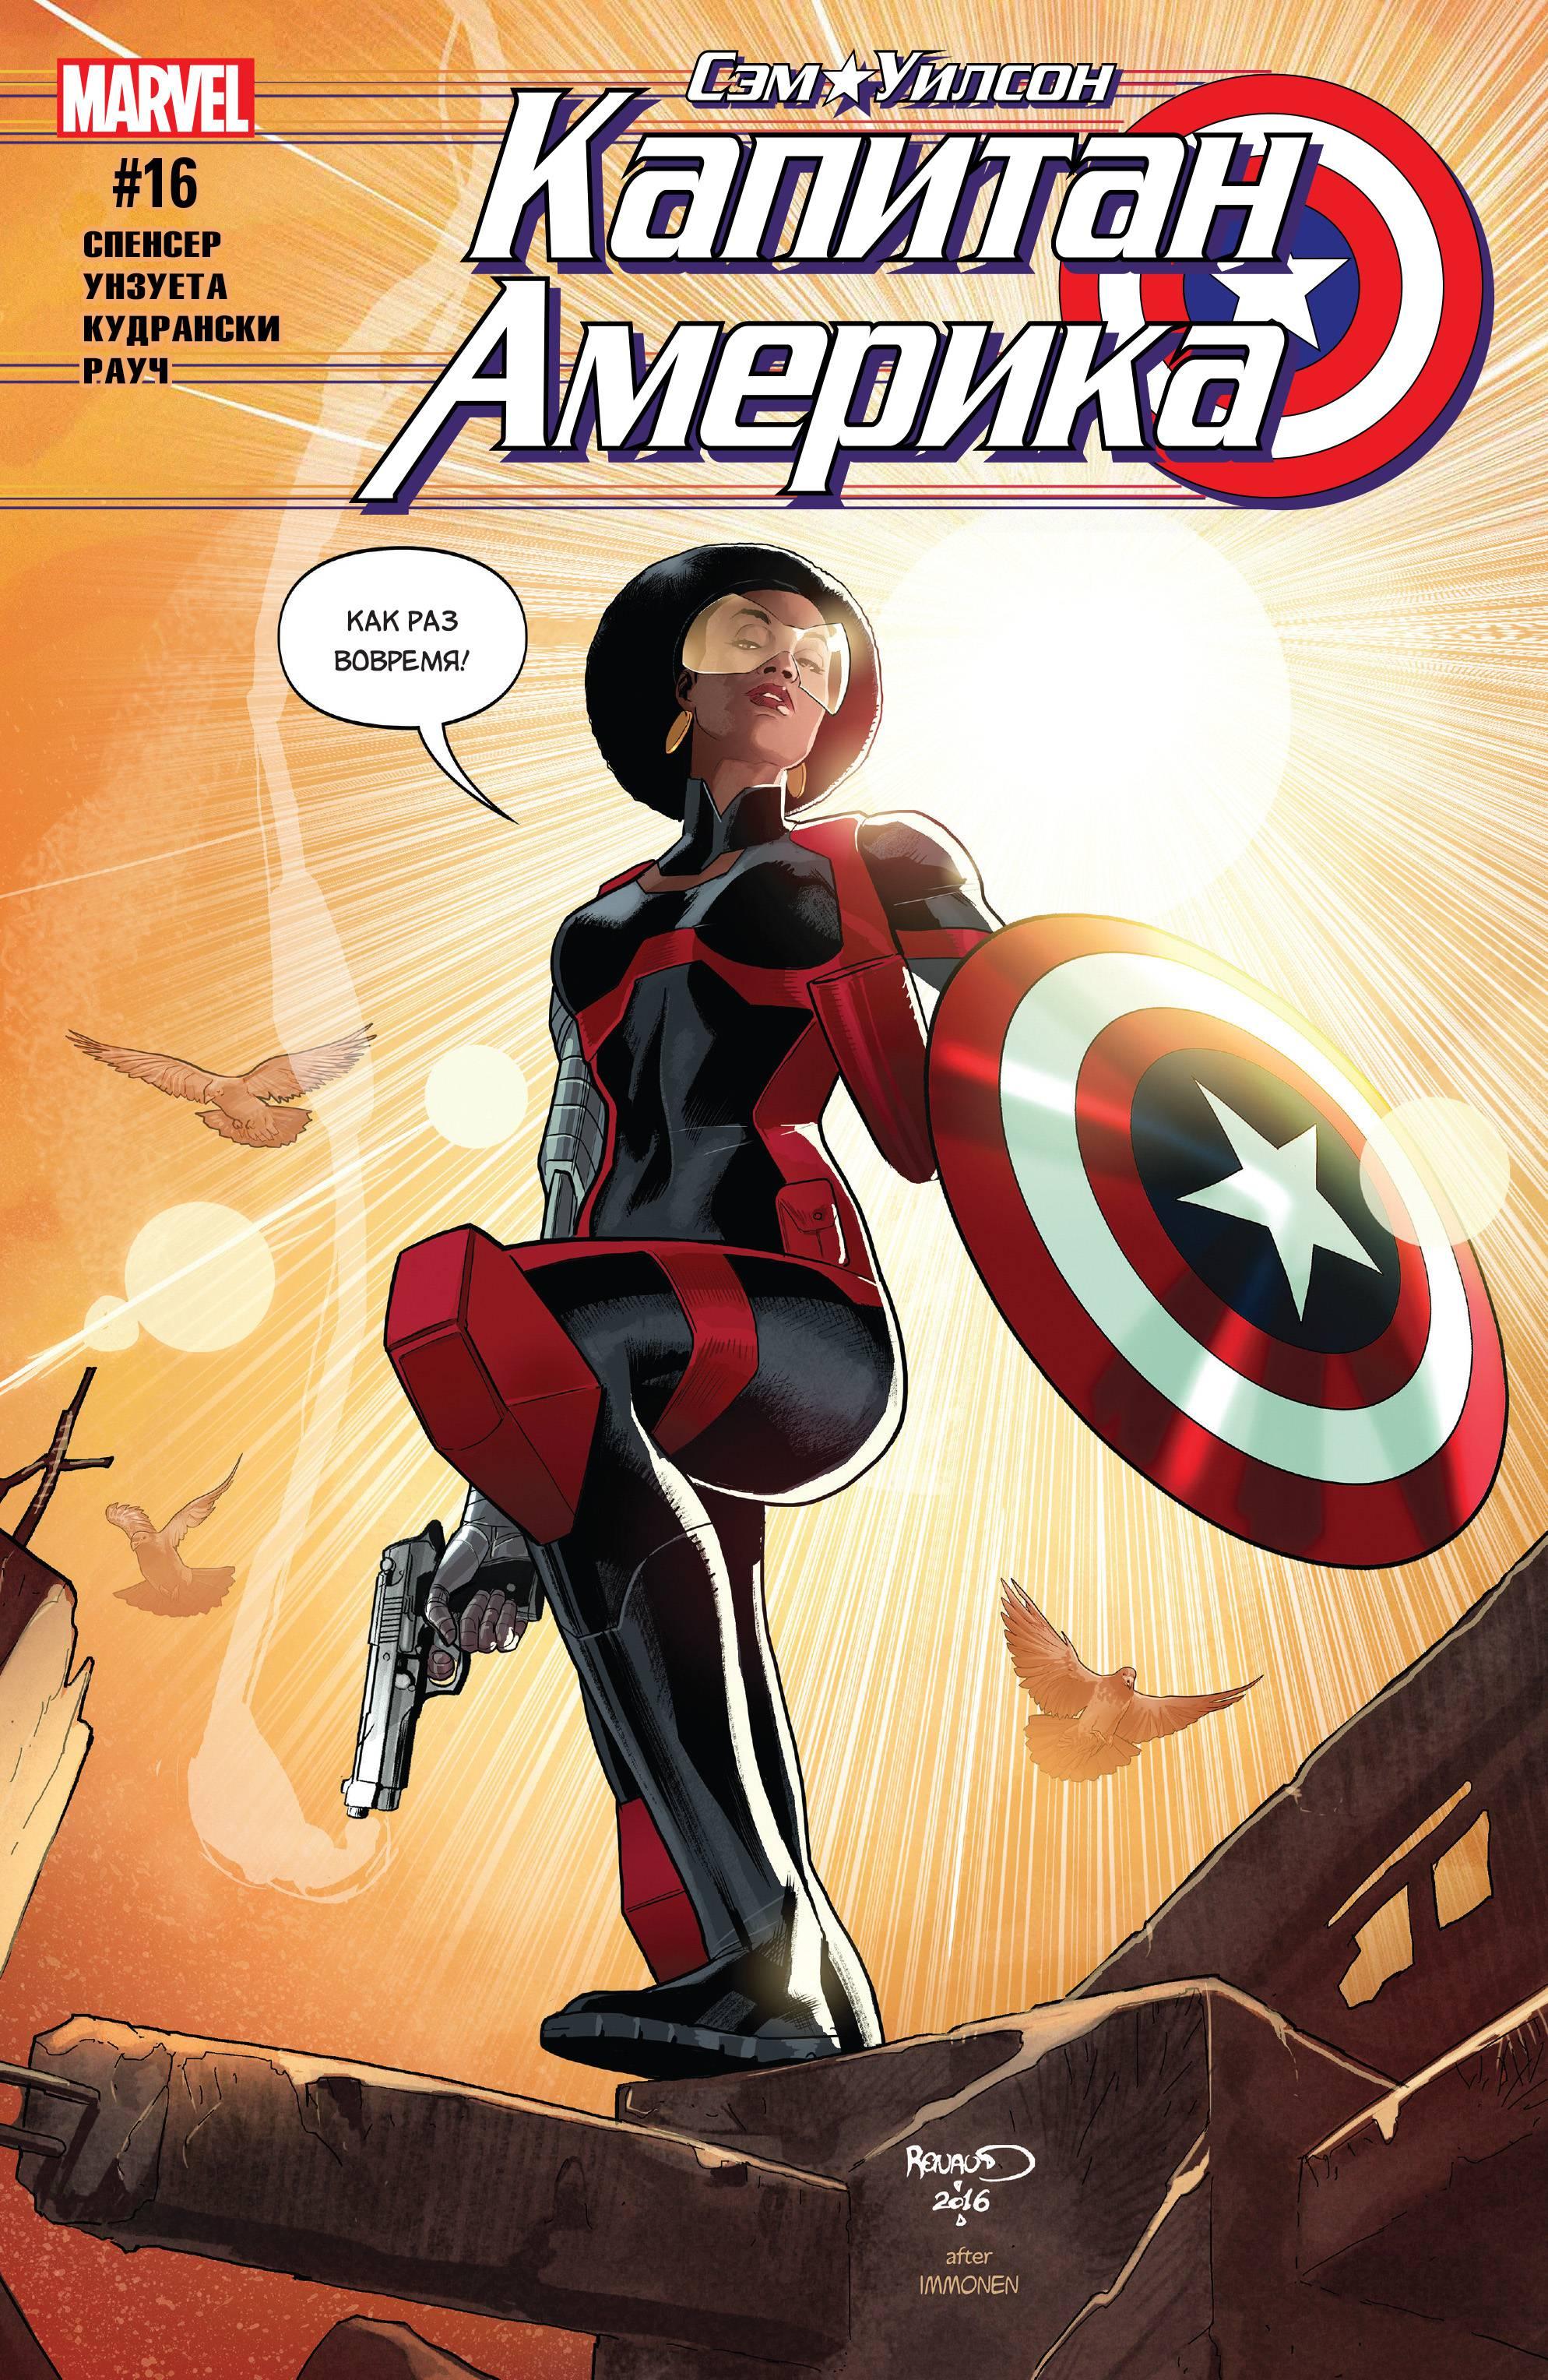 Капитан Америка: Сэм Уилсон №16 онлайн